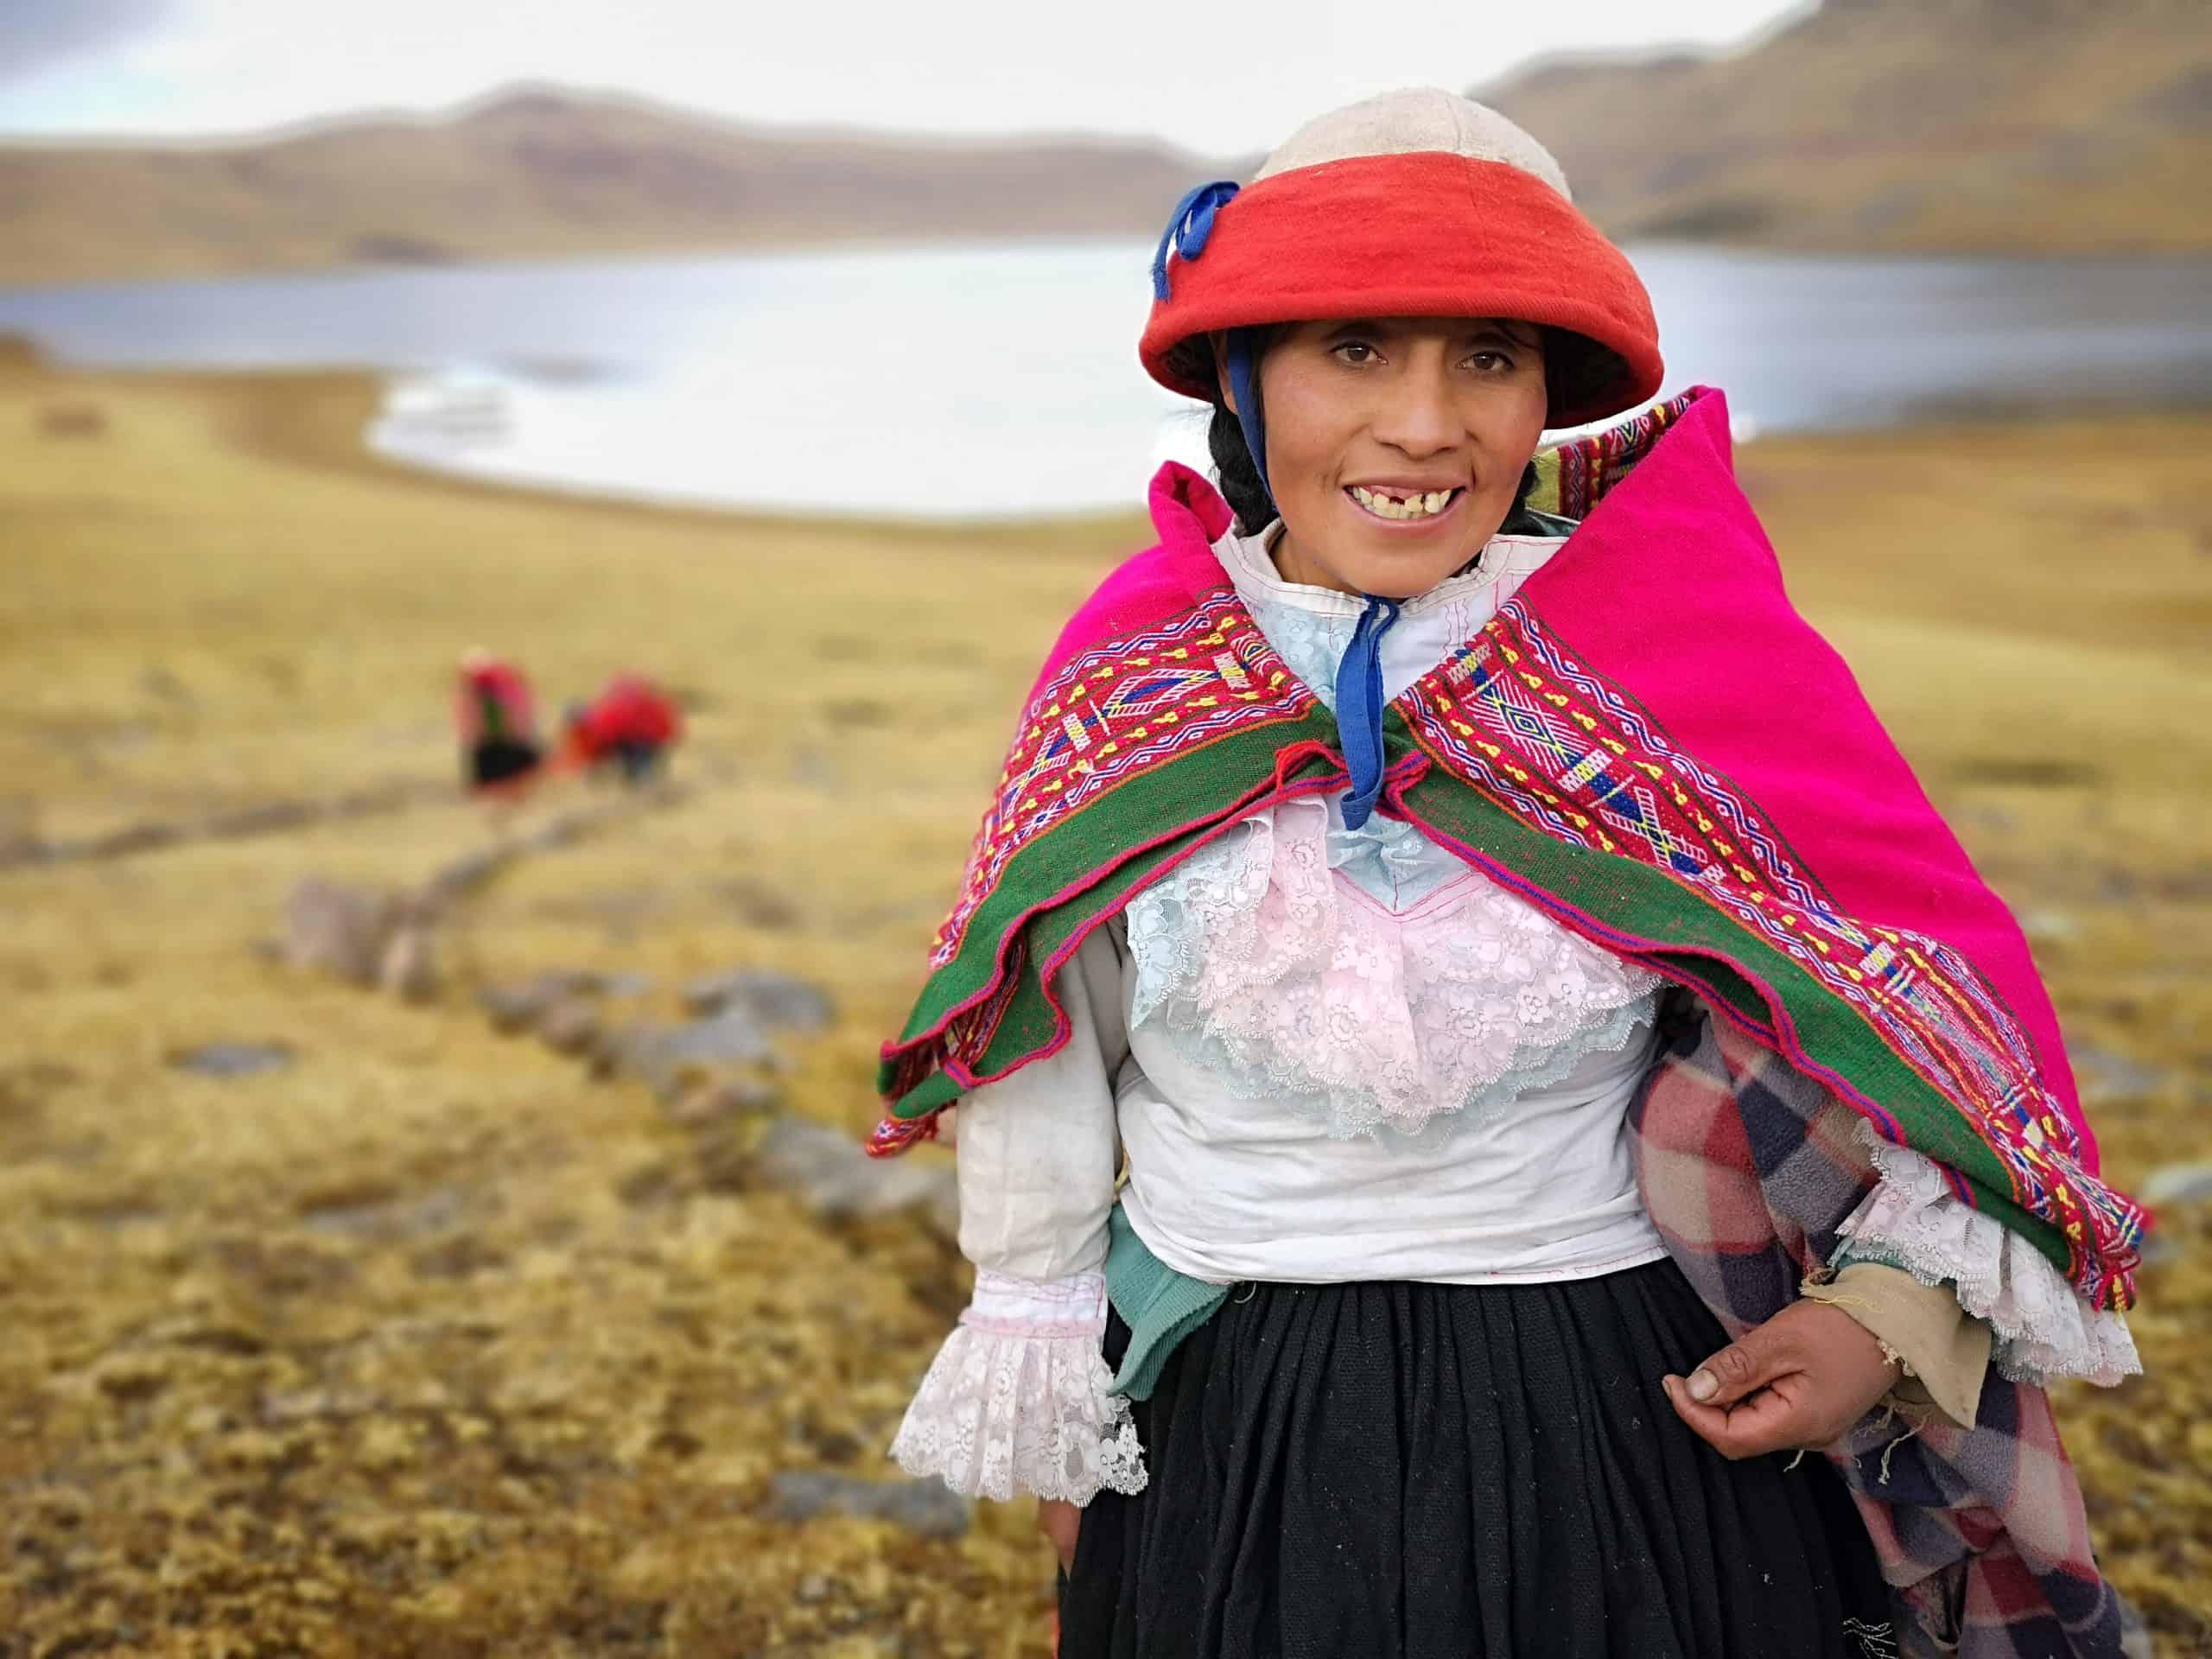 Polskie biuro podróży w Peru, z siedzibą w Cusco  zaprasza